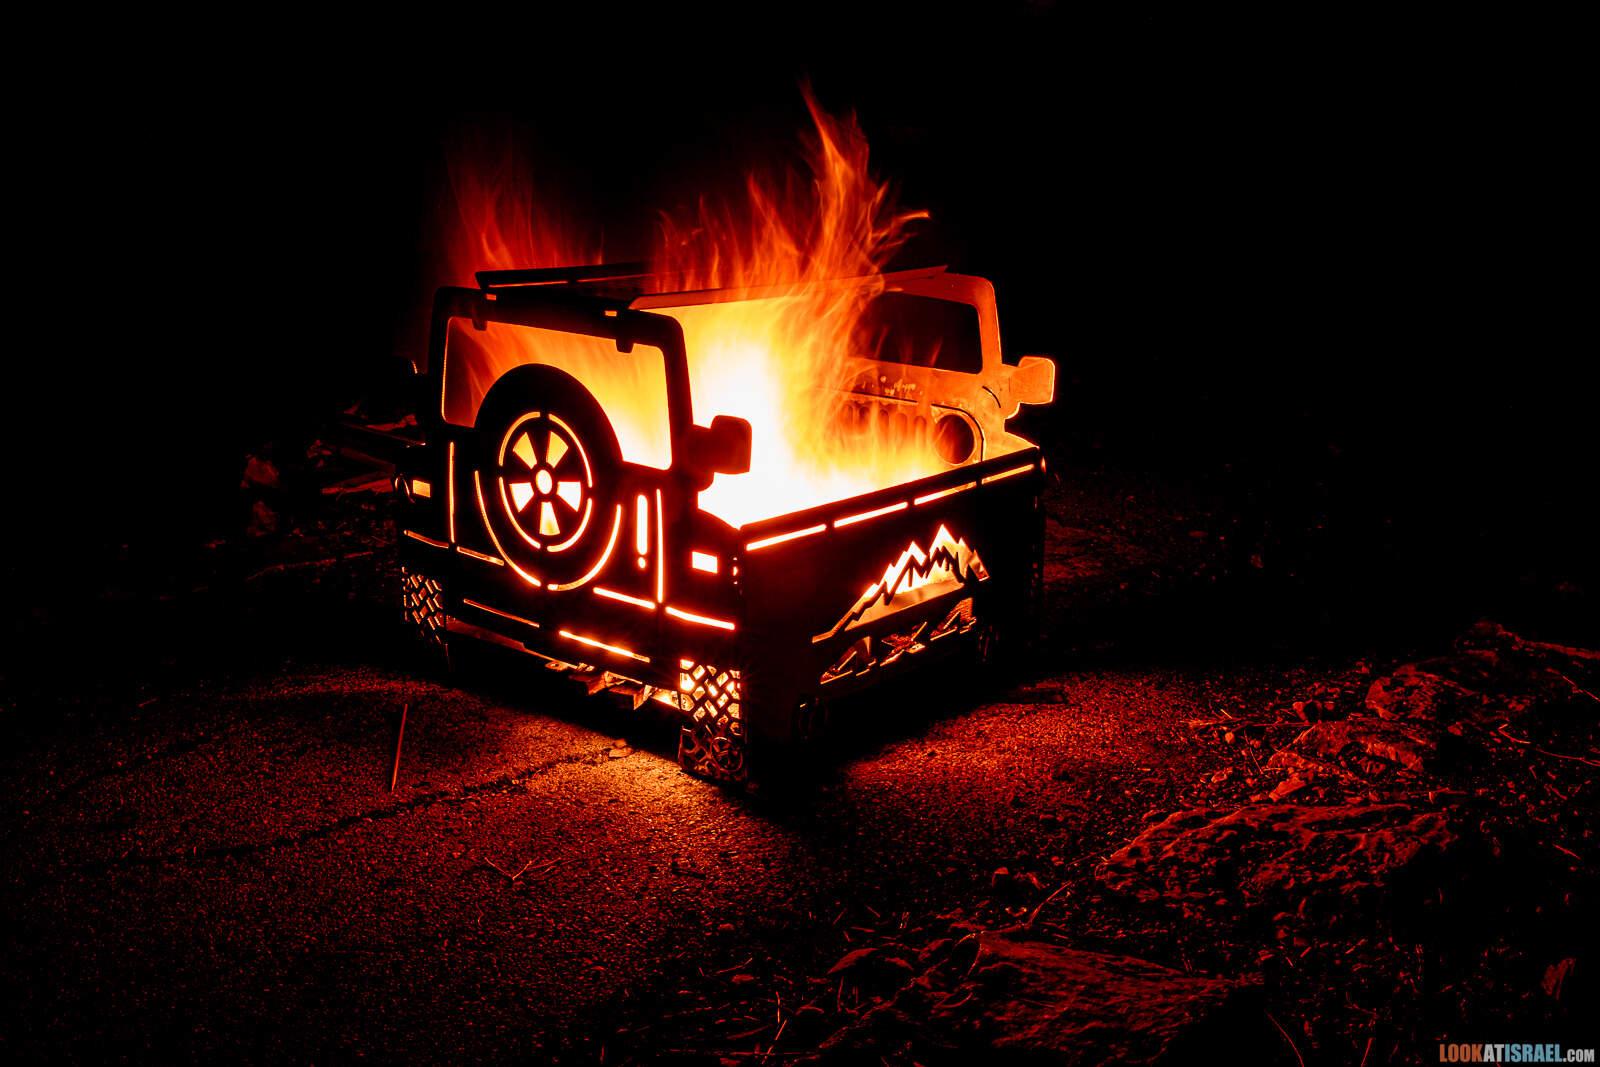 Очаг в форме джипа 4x4 для полевого костра | LookAtIsrael.com - Фото путешествия по Израилю